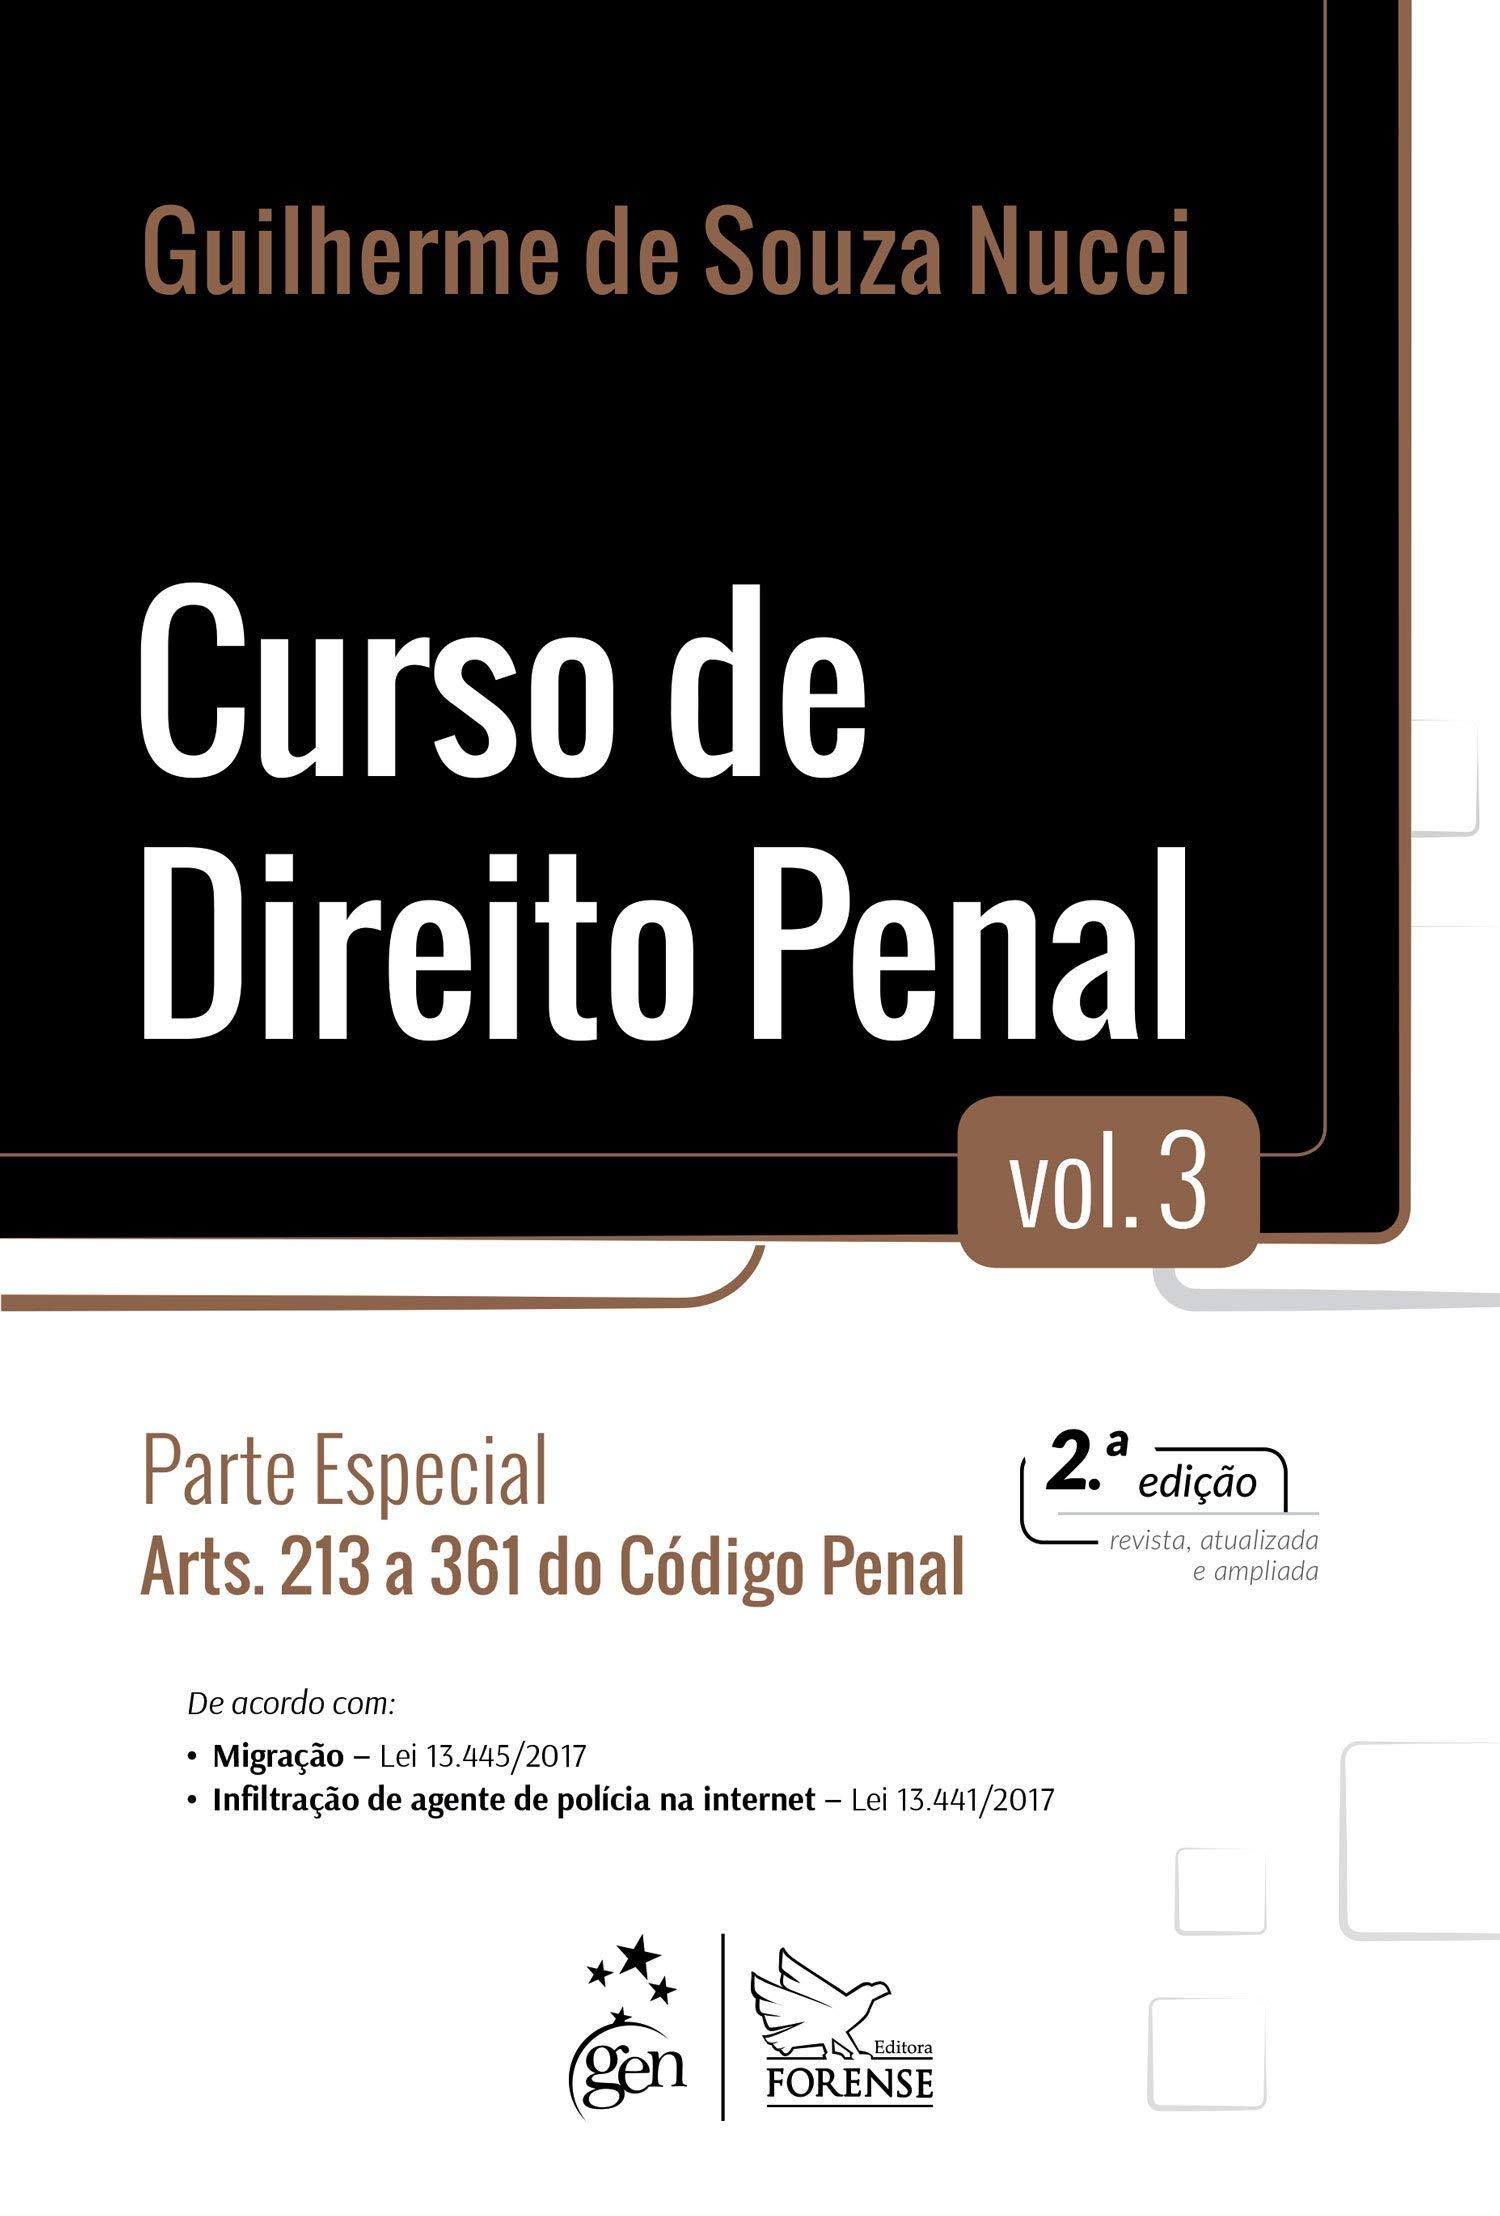 Curso de Direito Penal: Parte Especial - Arts. 213 a 361 do Código Penal Volume 3: Amazon.es: Guilherme de Souza Nucci: Libros